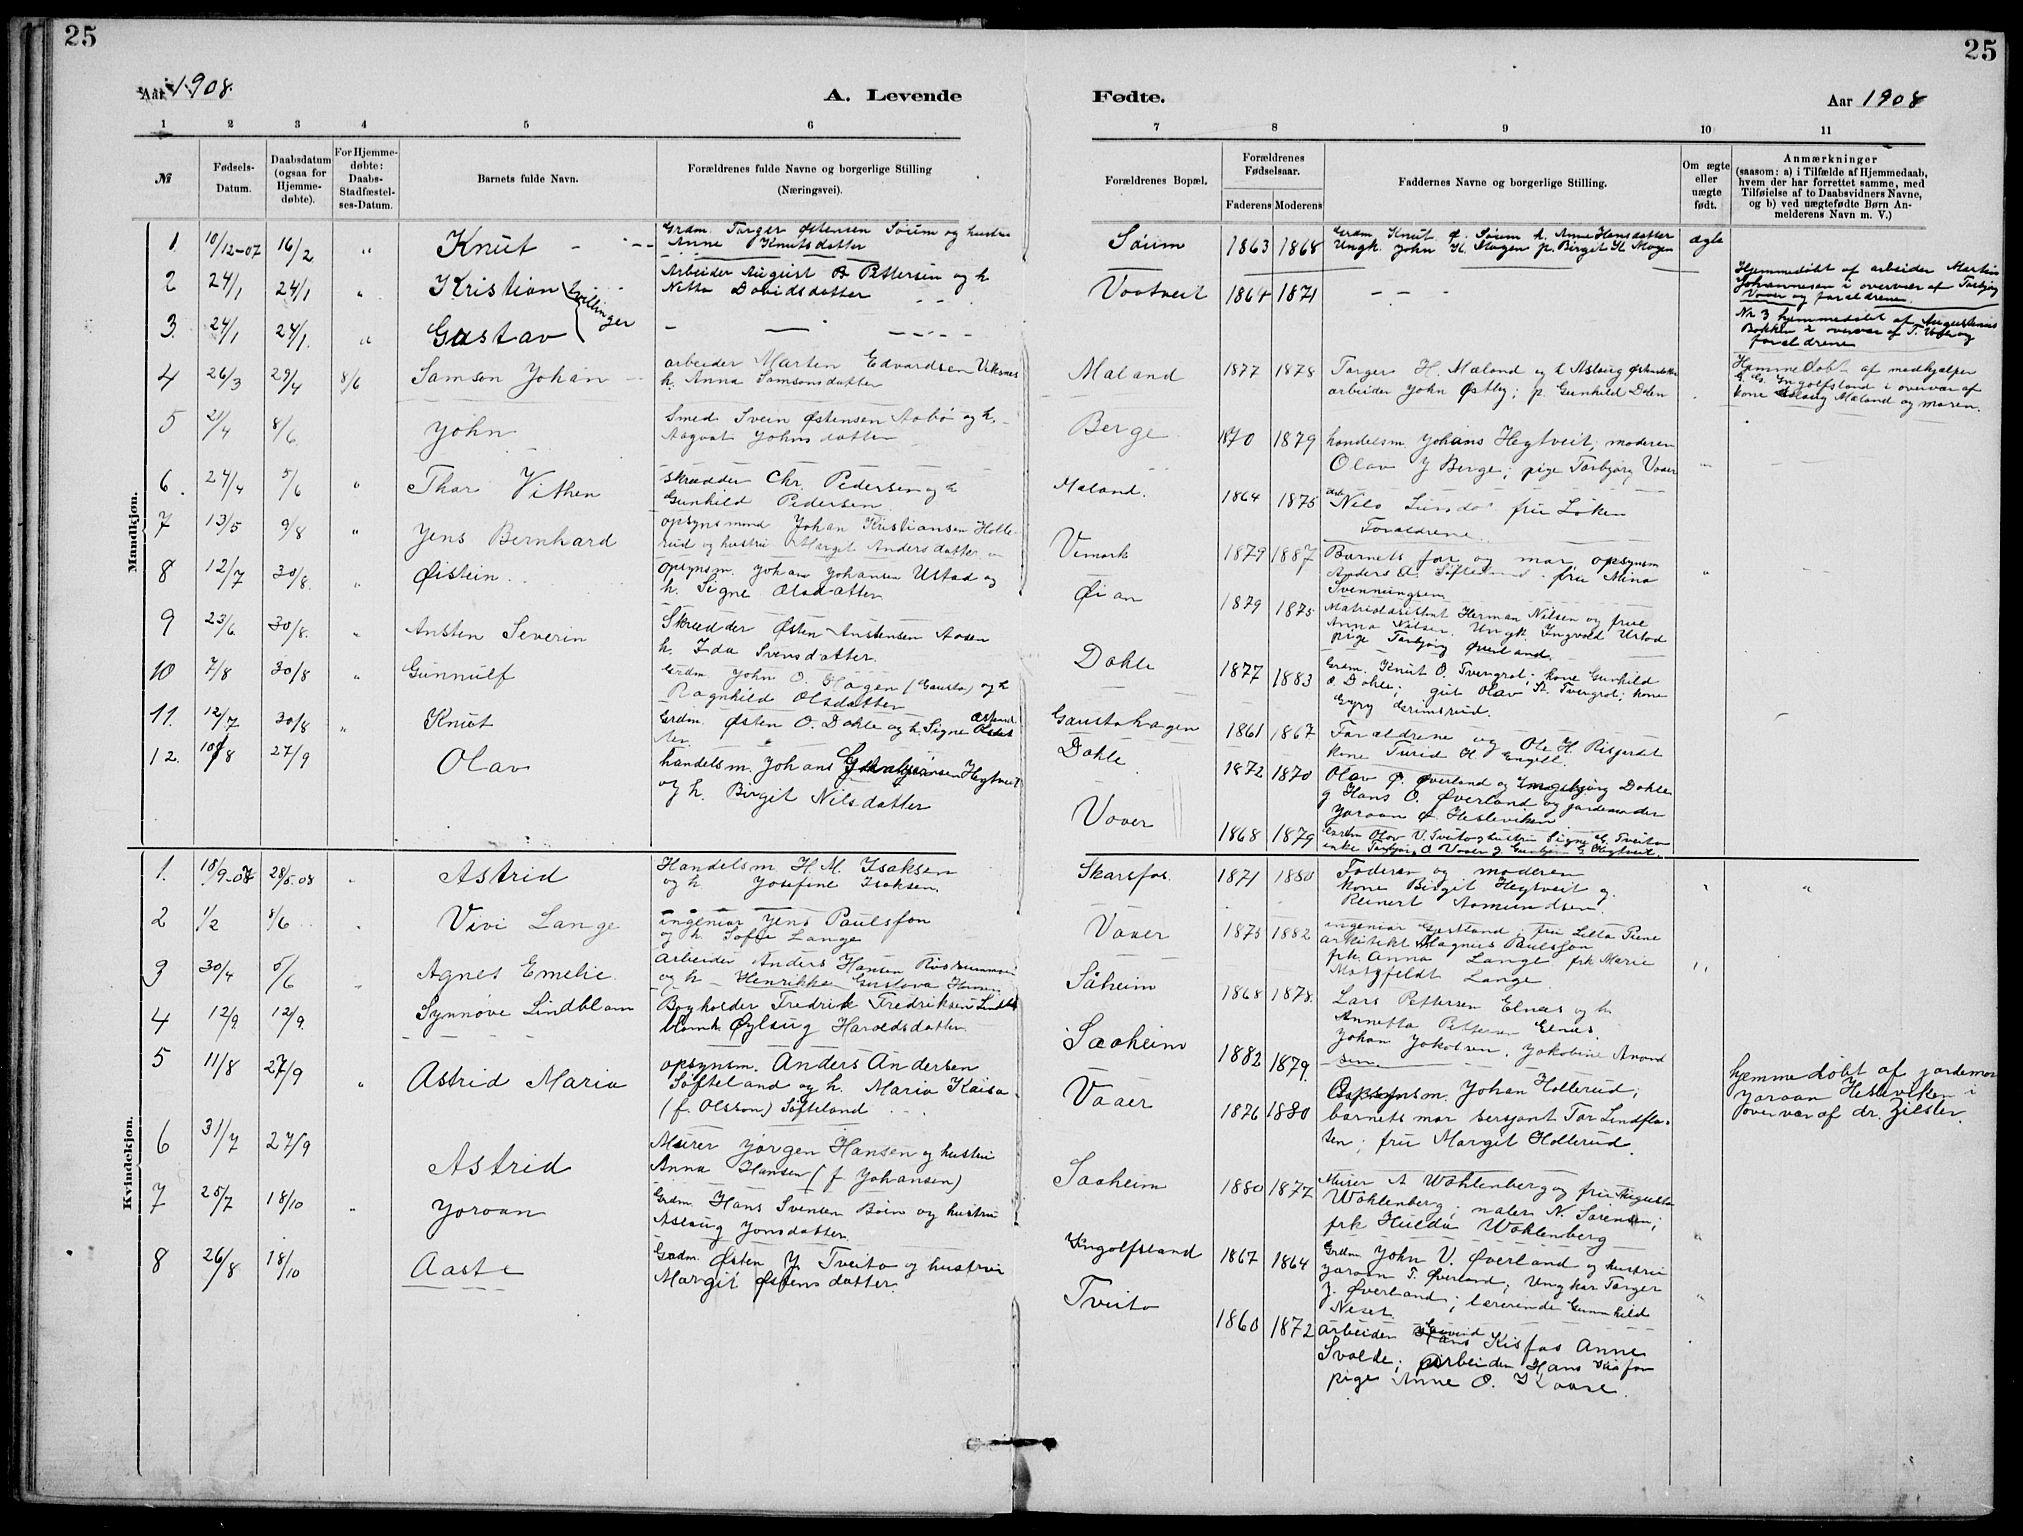 SAKO, Rjukan kirkebøker, G/Ga/L0001: Klokkerbok nr. 1, 1880-1914, s. 25